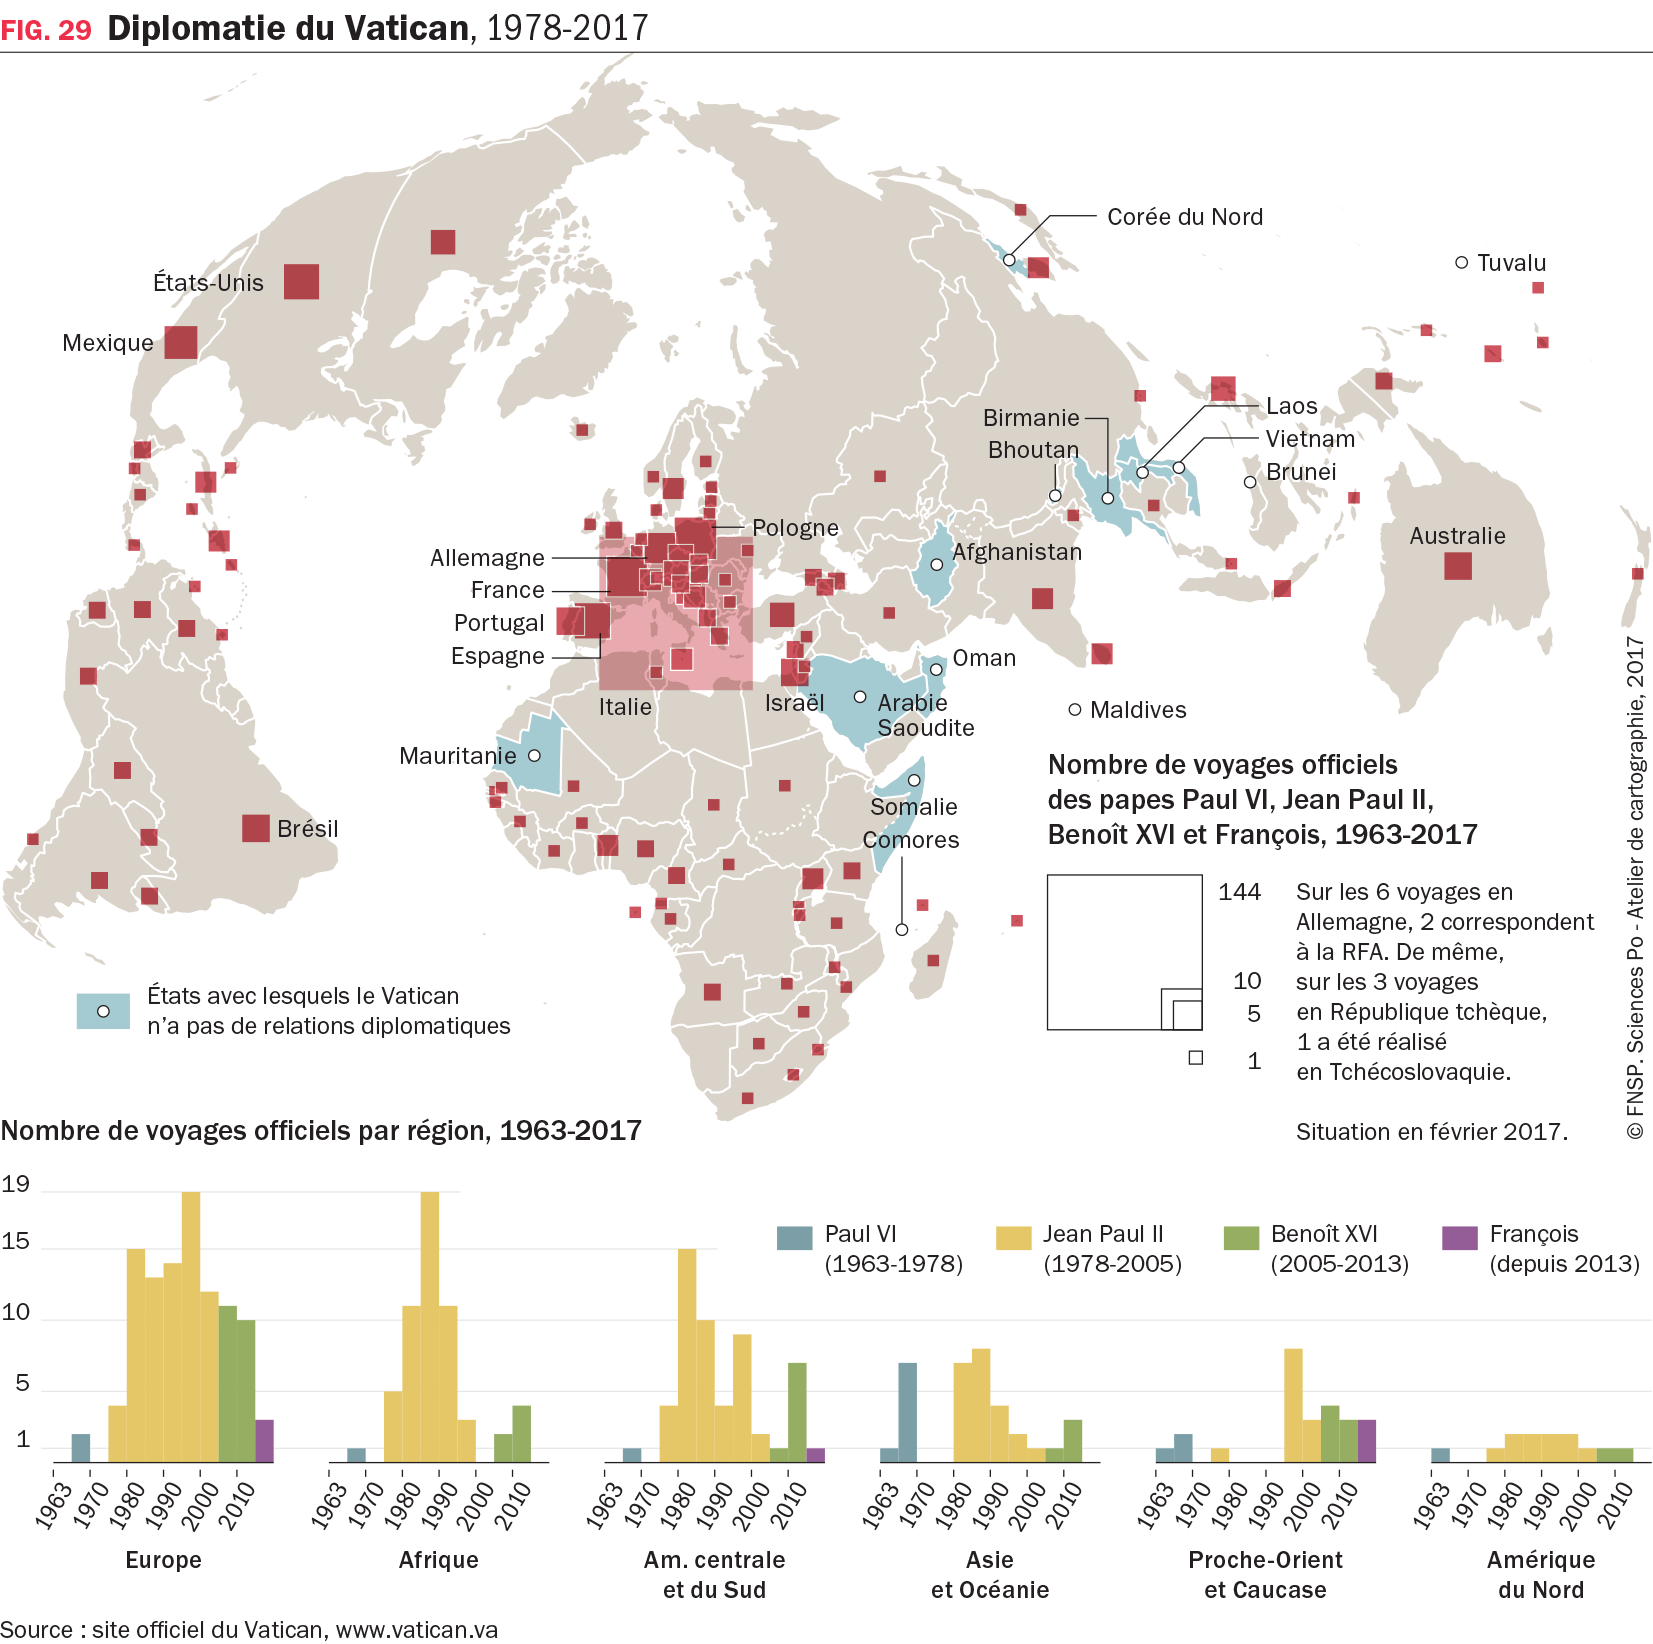 1 carte et 1 graphique : Diplomatie du Vatican, 1978-2017